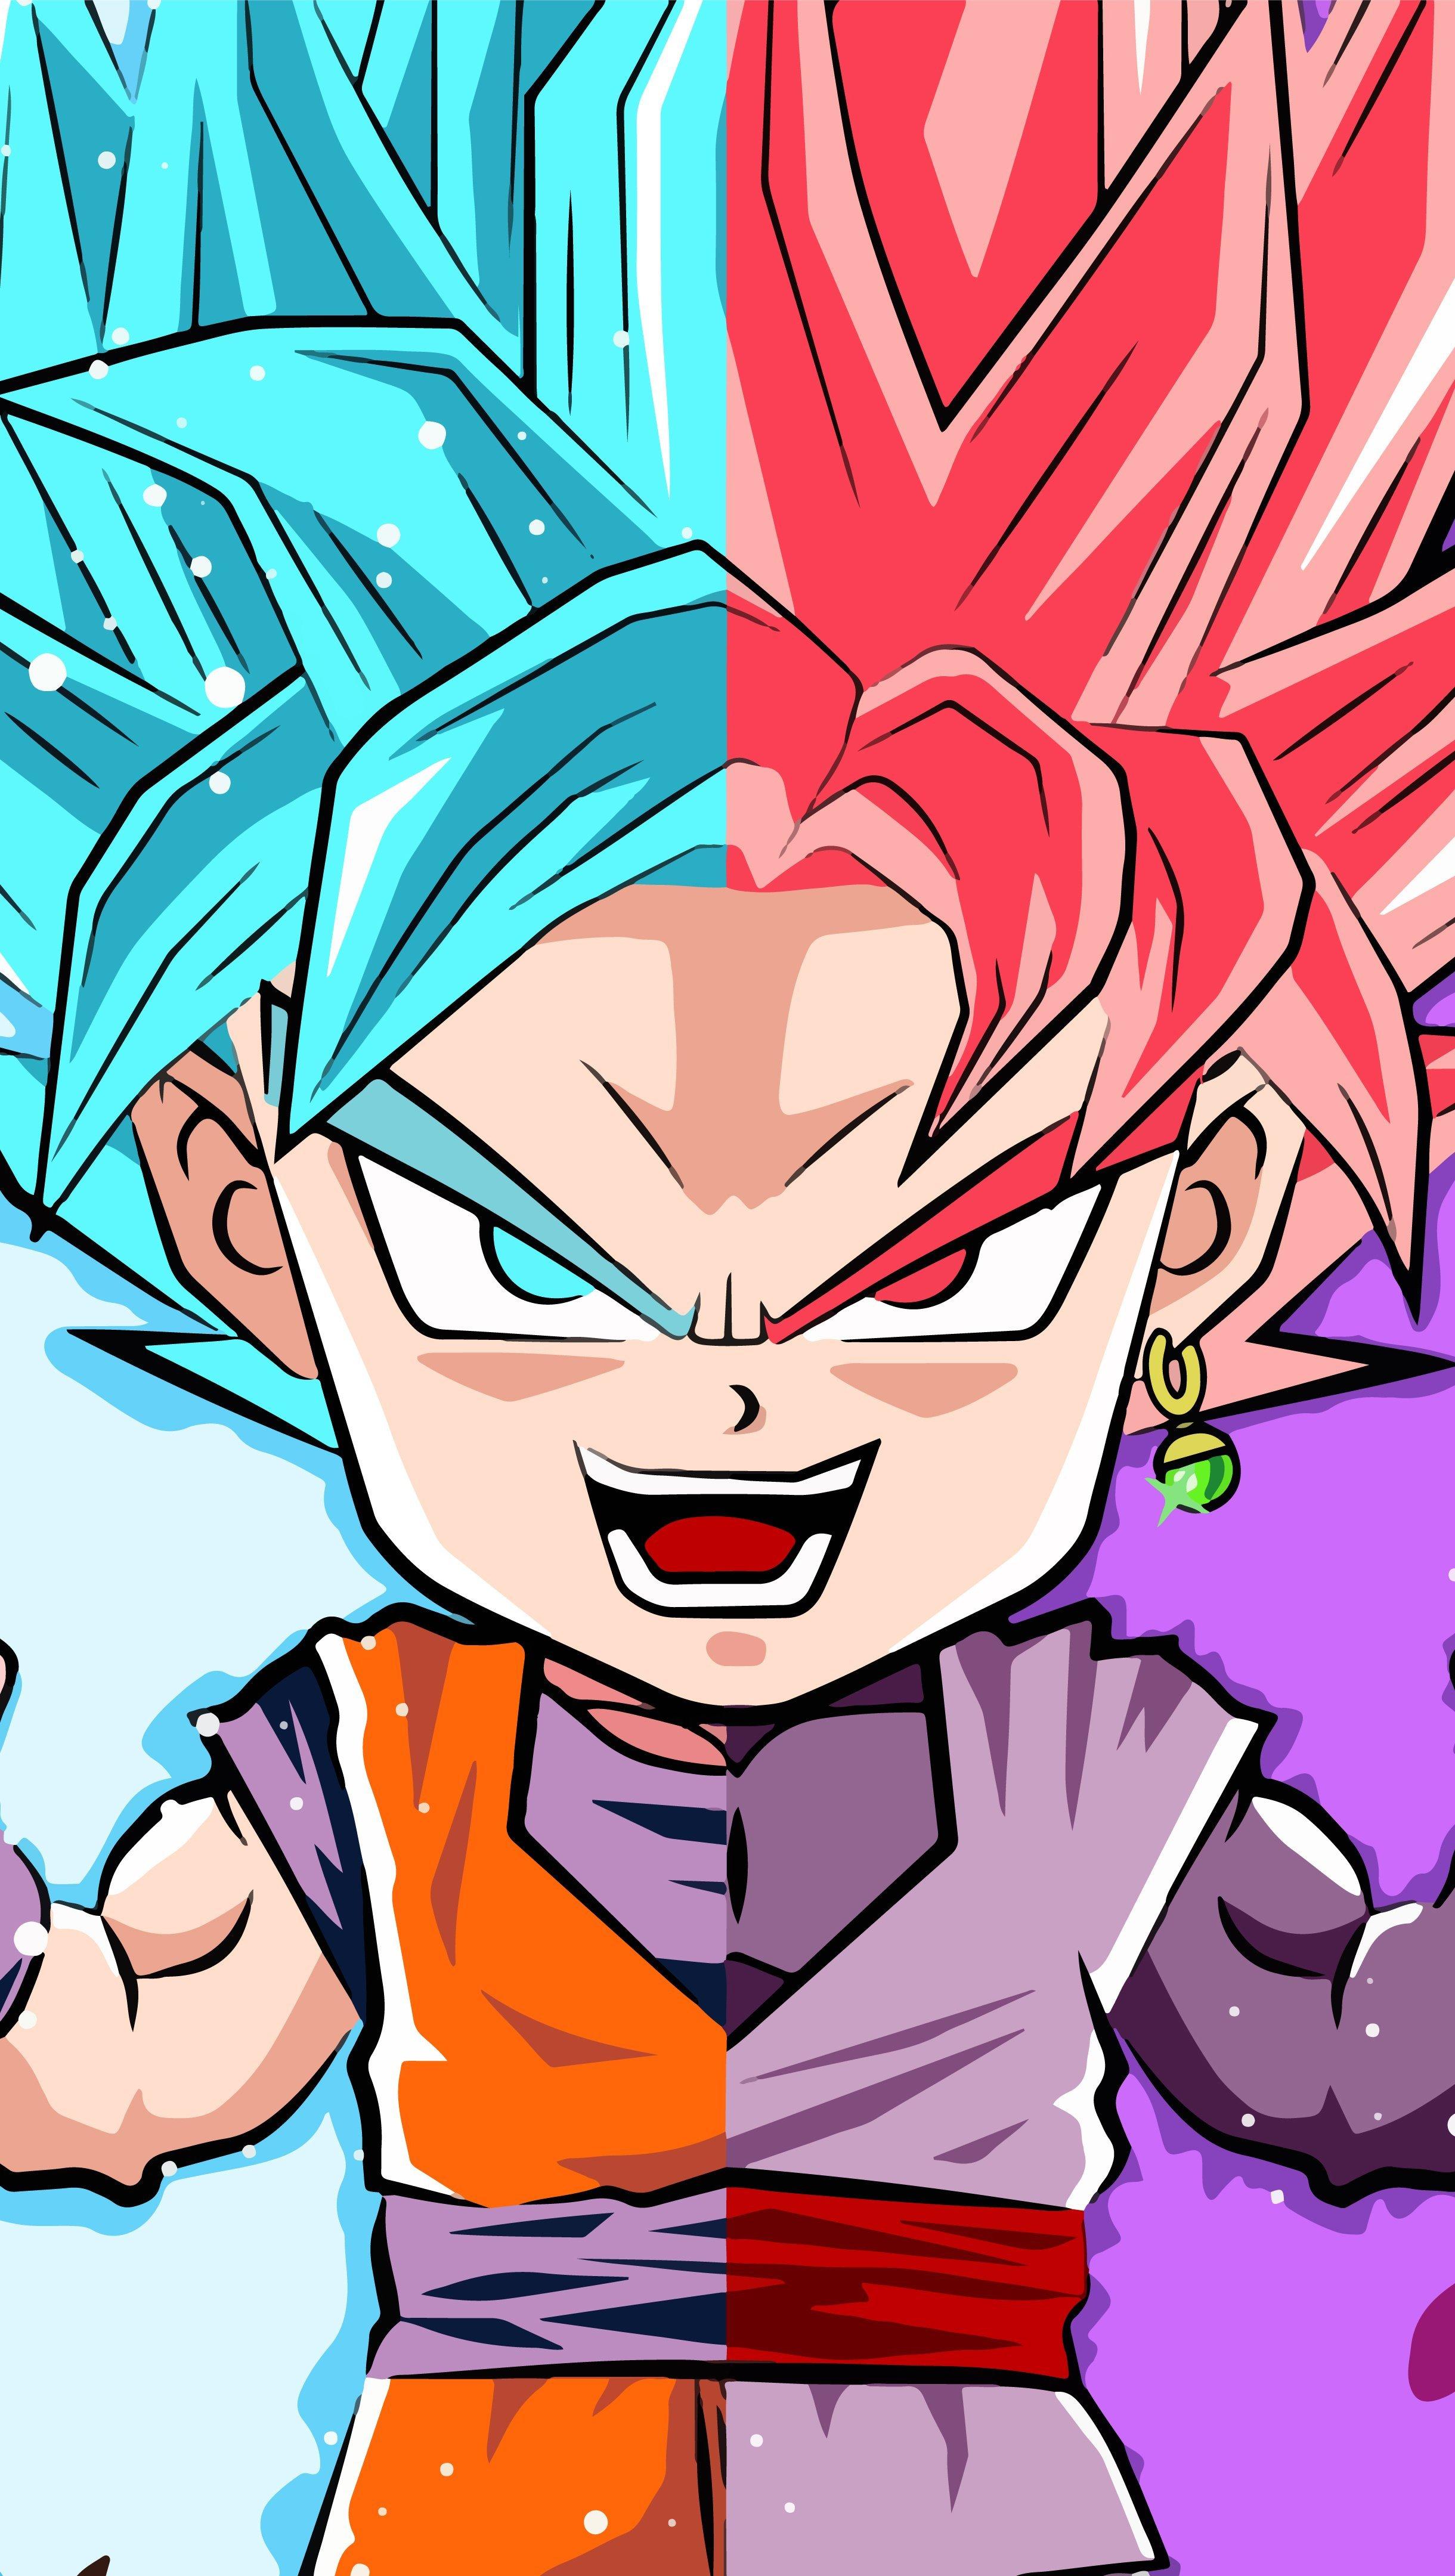 Fondos de pantalla Anime Arte Dragon Ball Super Goku and Black Goku Vertical